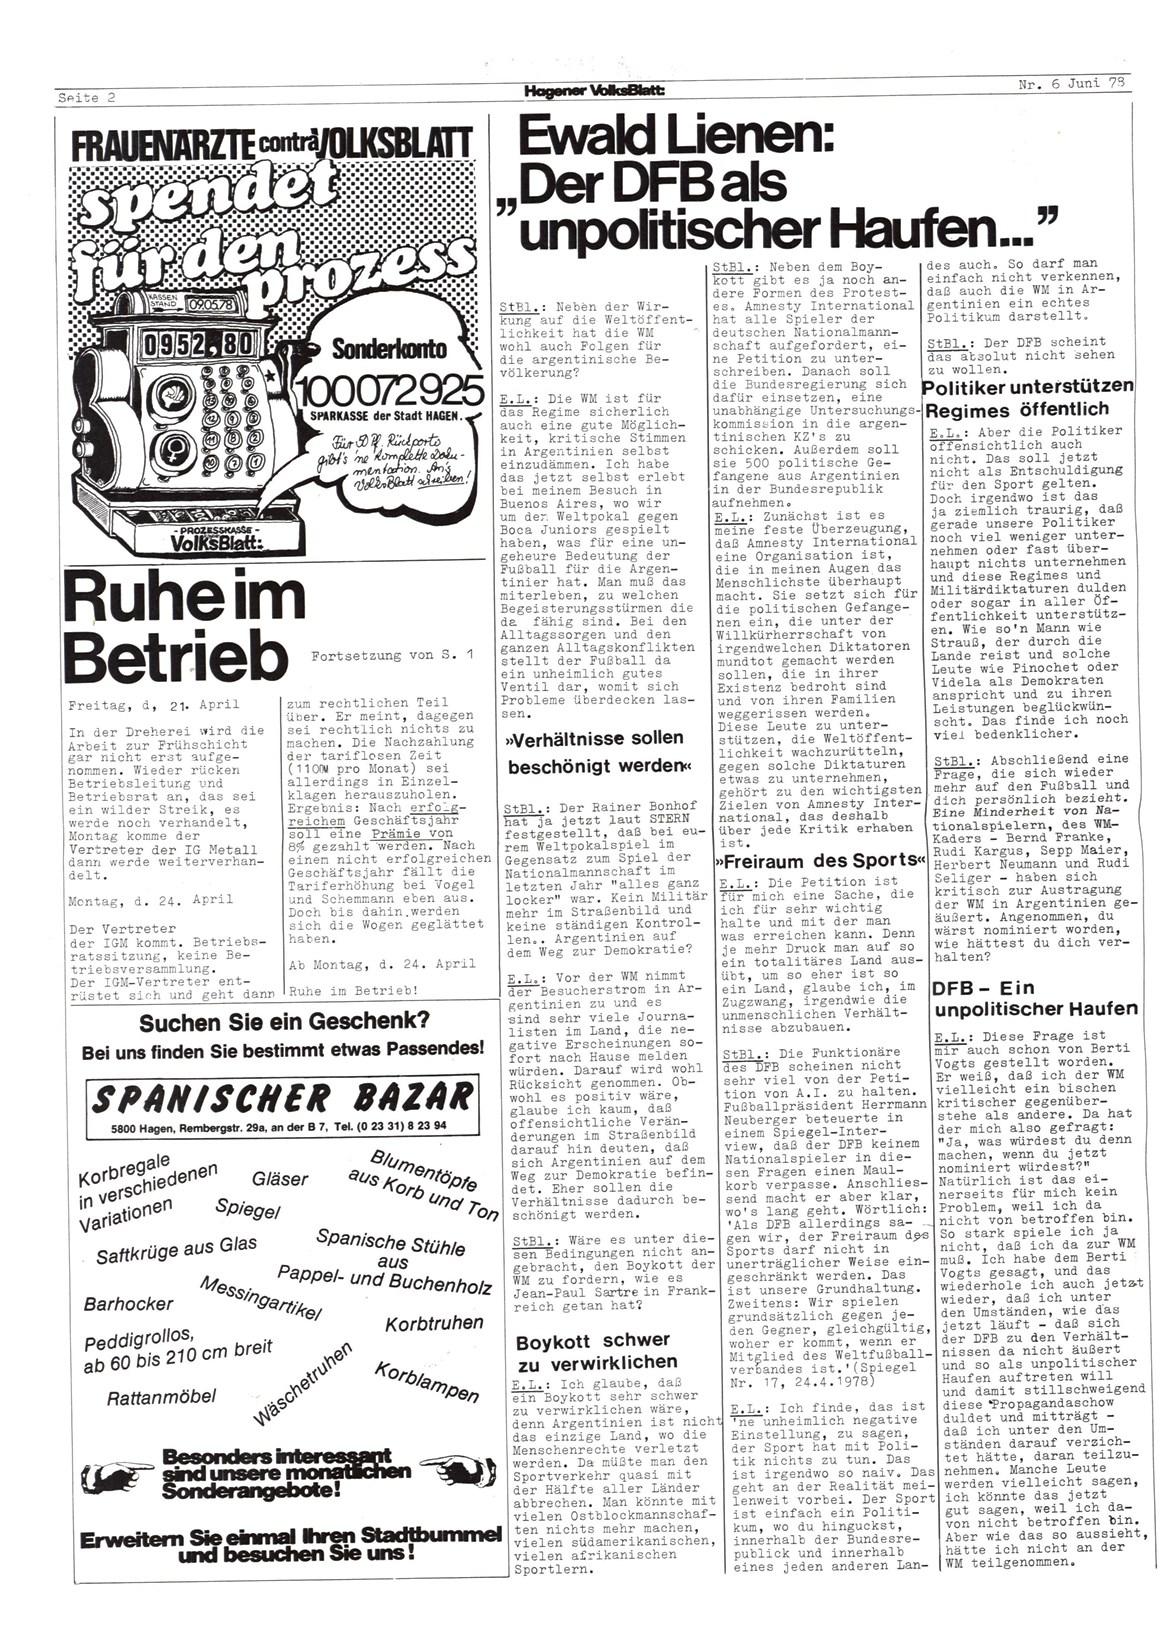 Hagen_Volksblatt_19780600_02